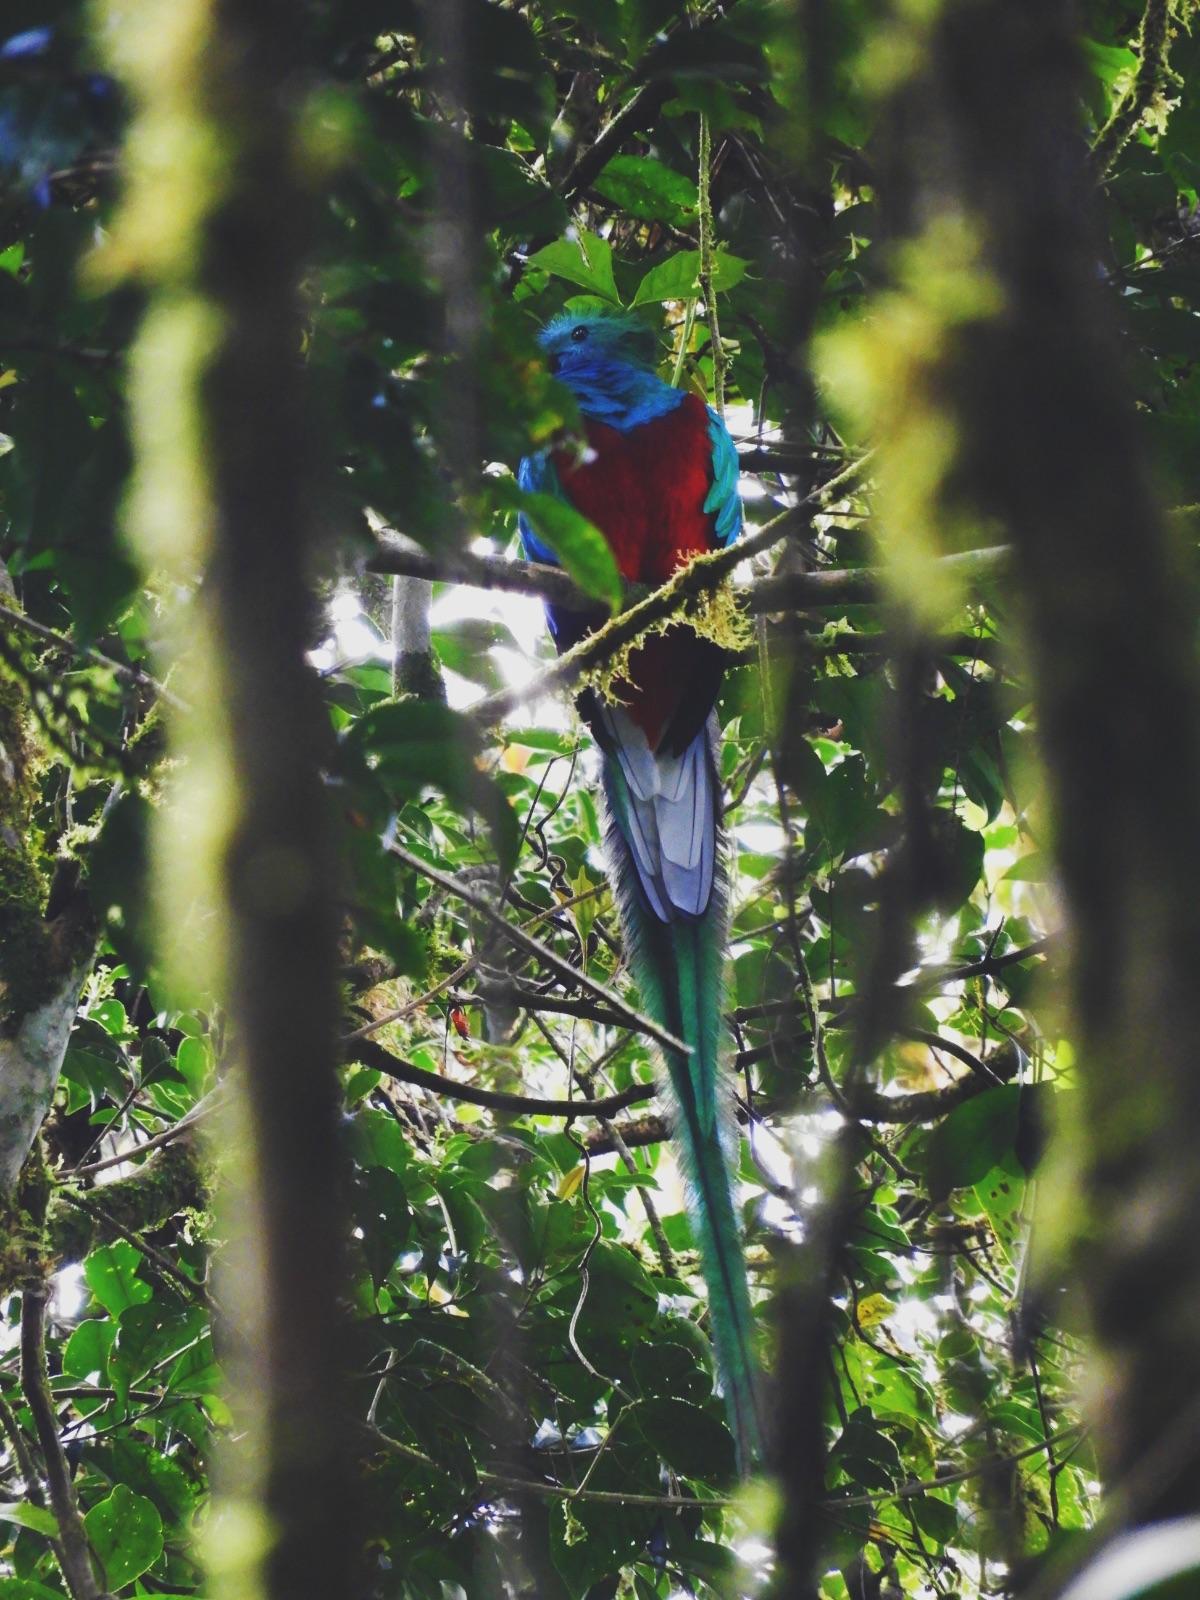 One Second- Costa Rica- Fôret de nuages Monteverde - Quetzal